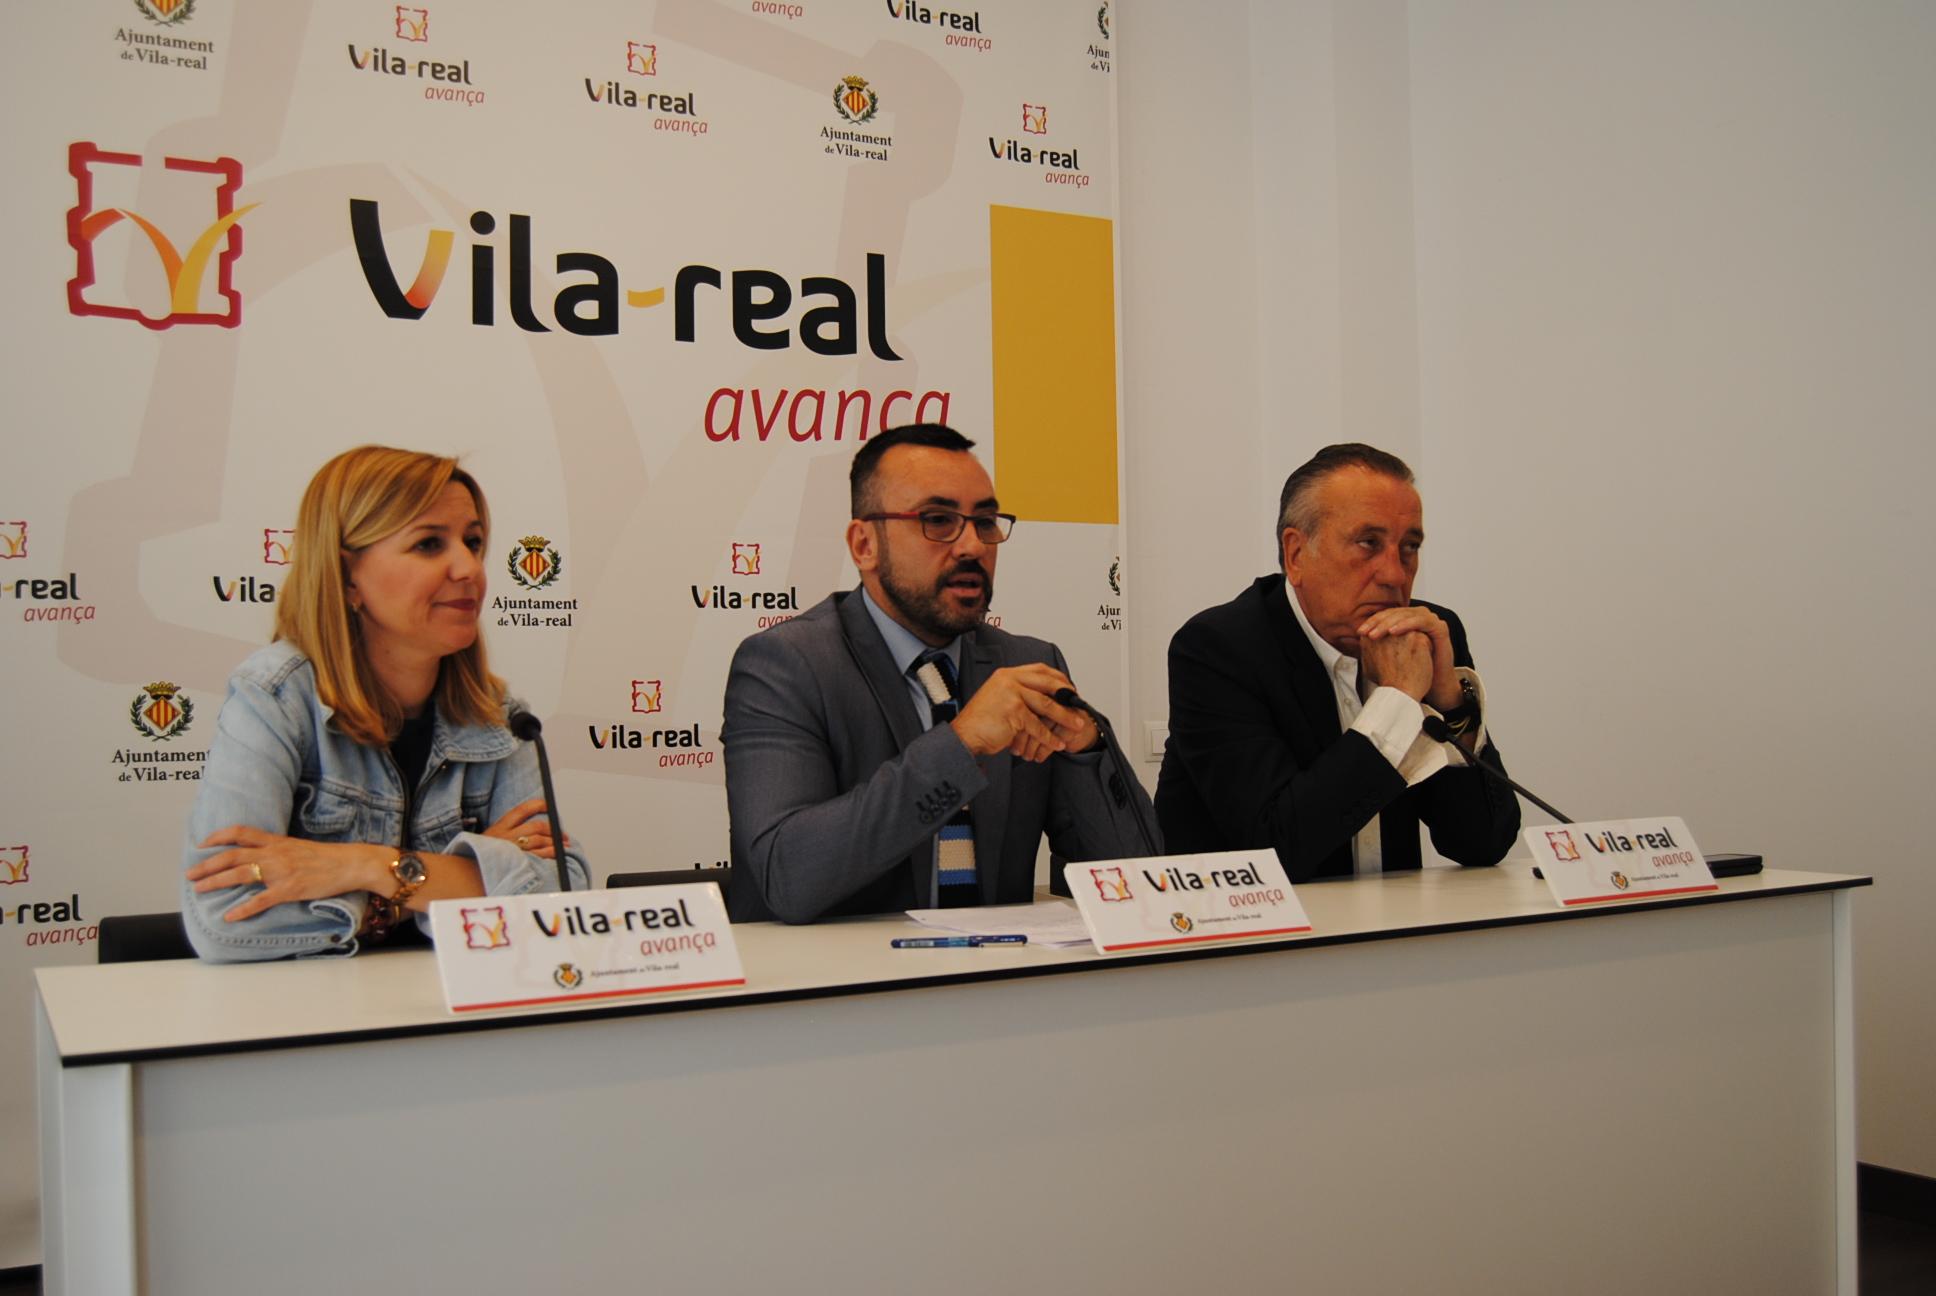 El Villarreal CF se hará cargo del descuento de 30 euros en los abonos para los pensionistas